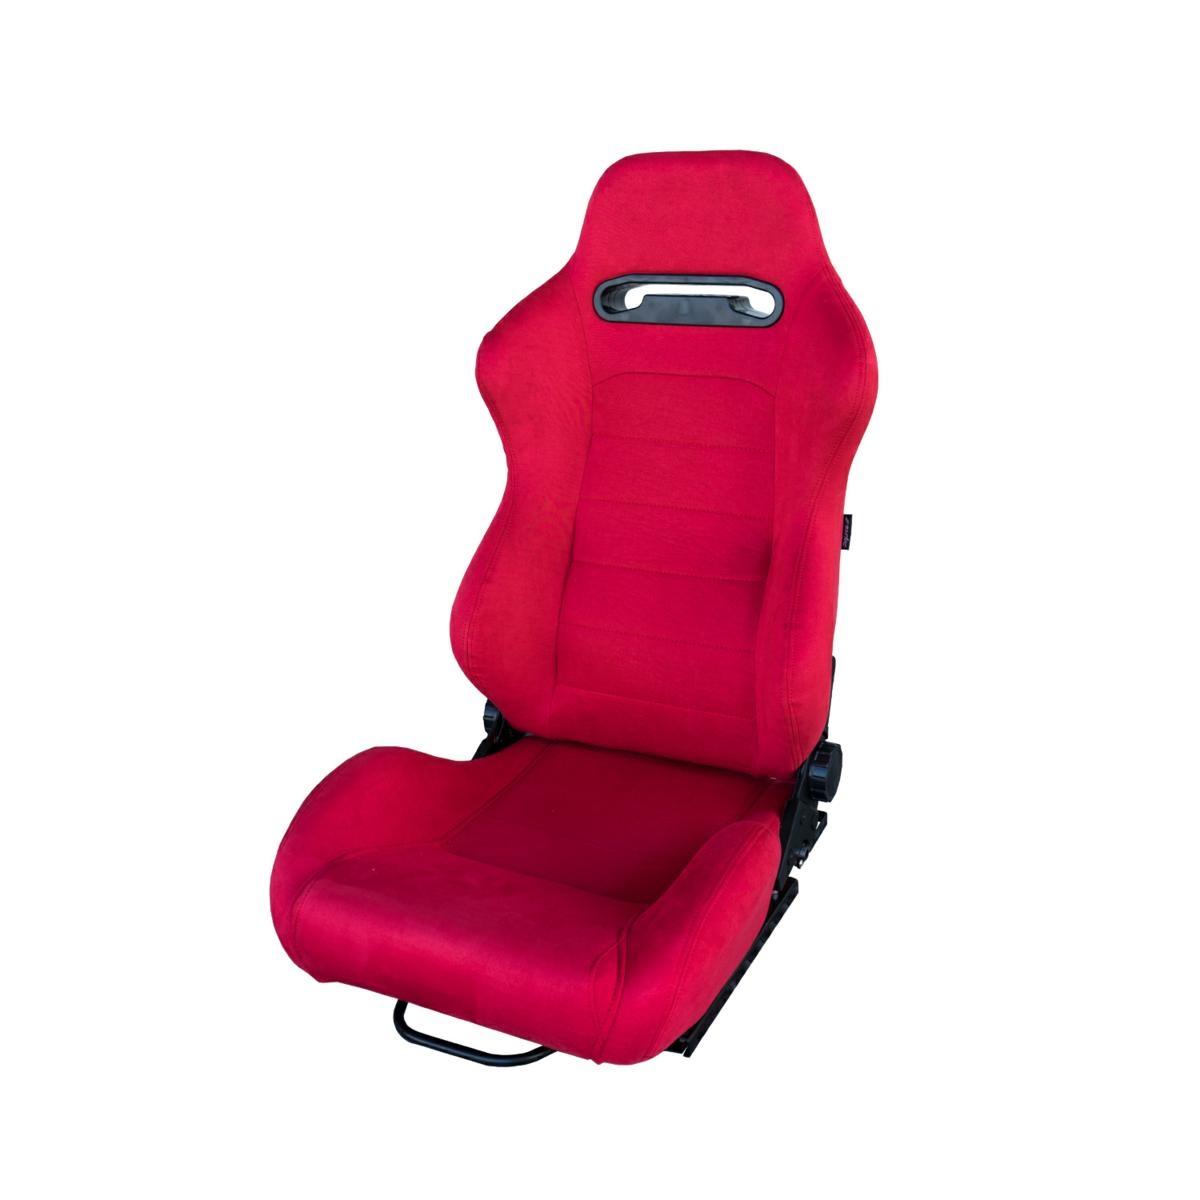 Casa Del Sedile Snc.Sedile Sportivo Miky Reclinabile Velluto Rosso Slitte Universali Simoni Racing Ebay